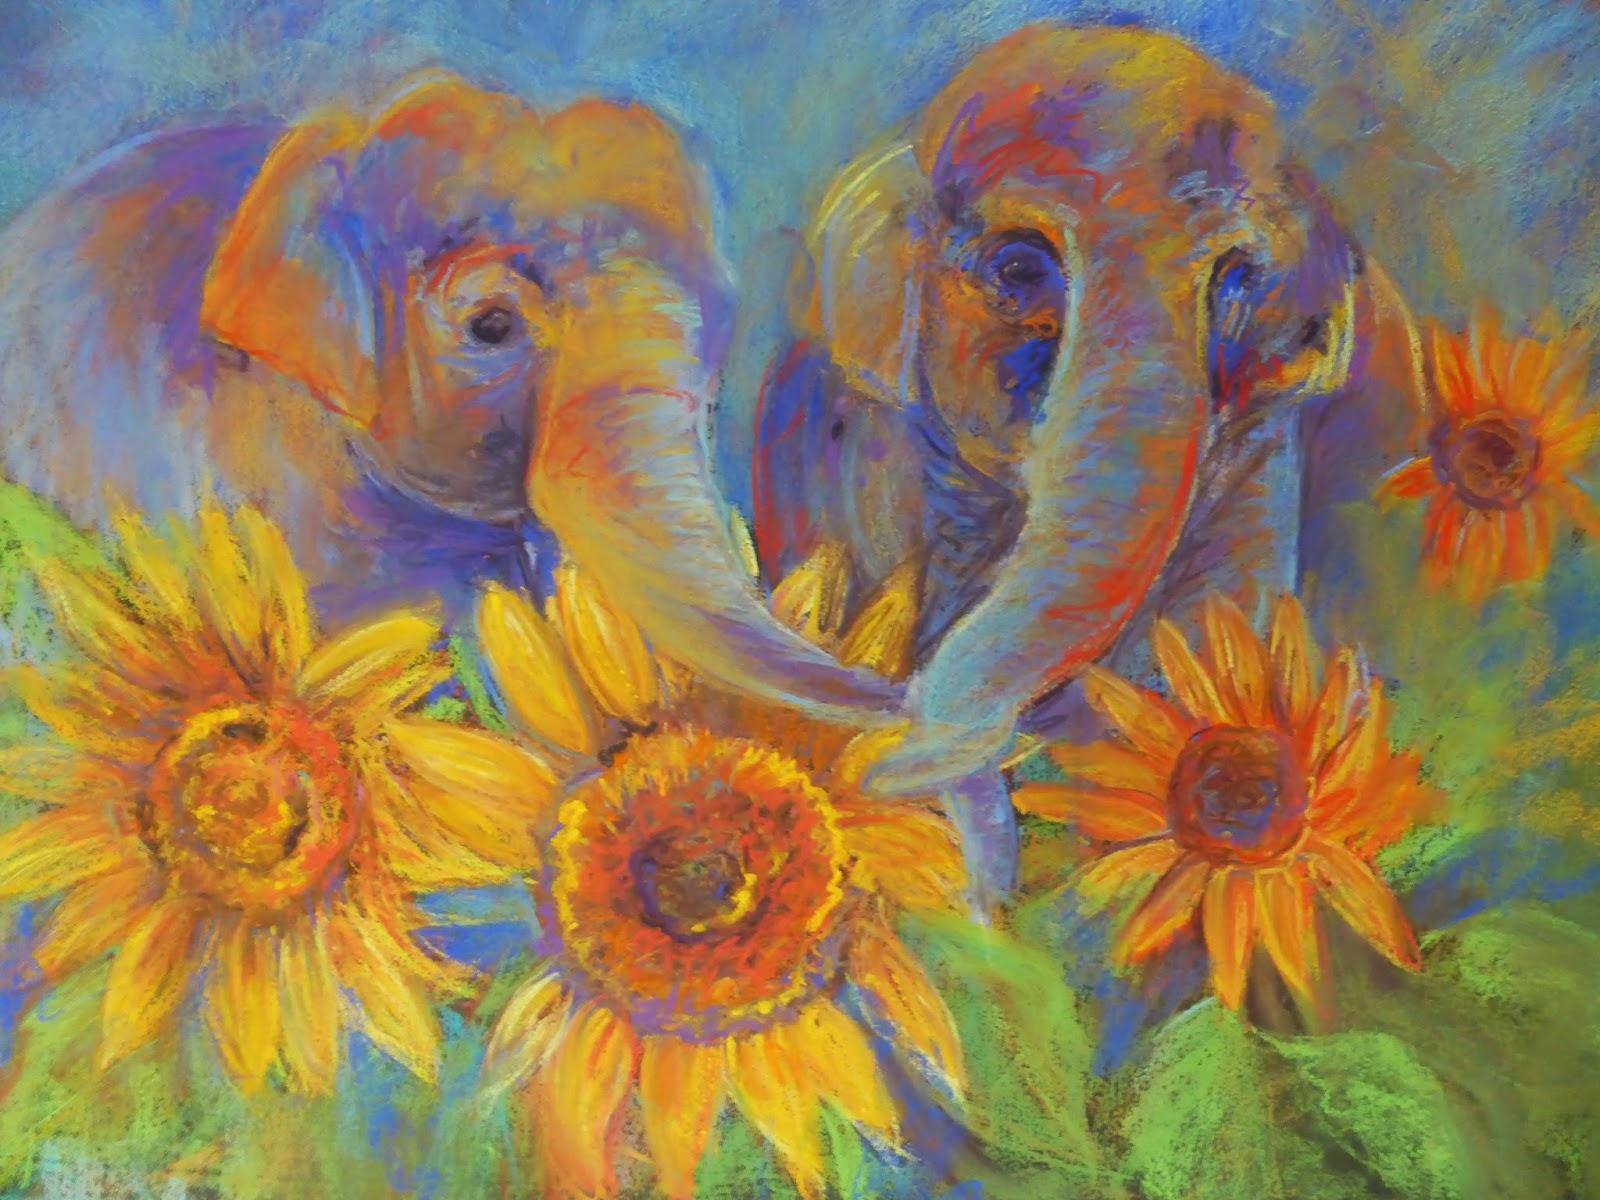 Kay S Art Sunflowers And Elephants A Sun Flower Fantasy